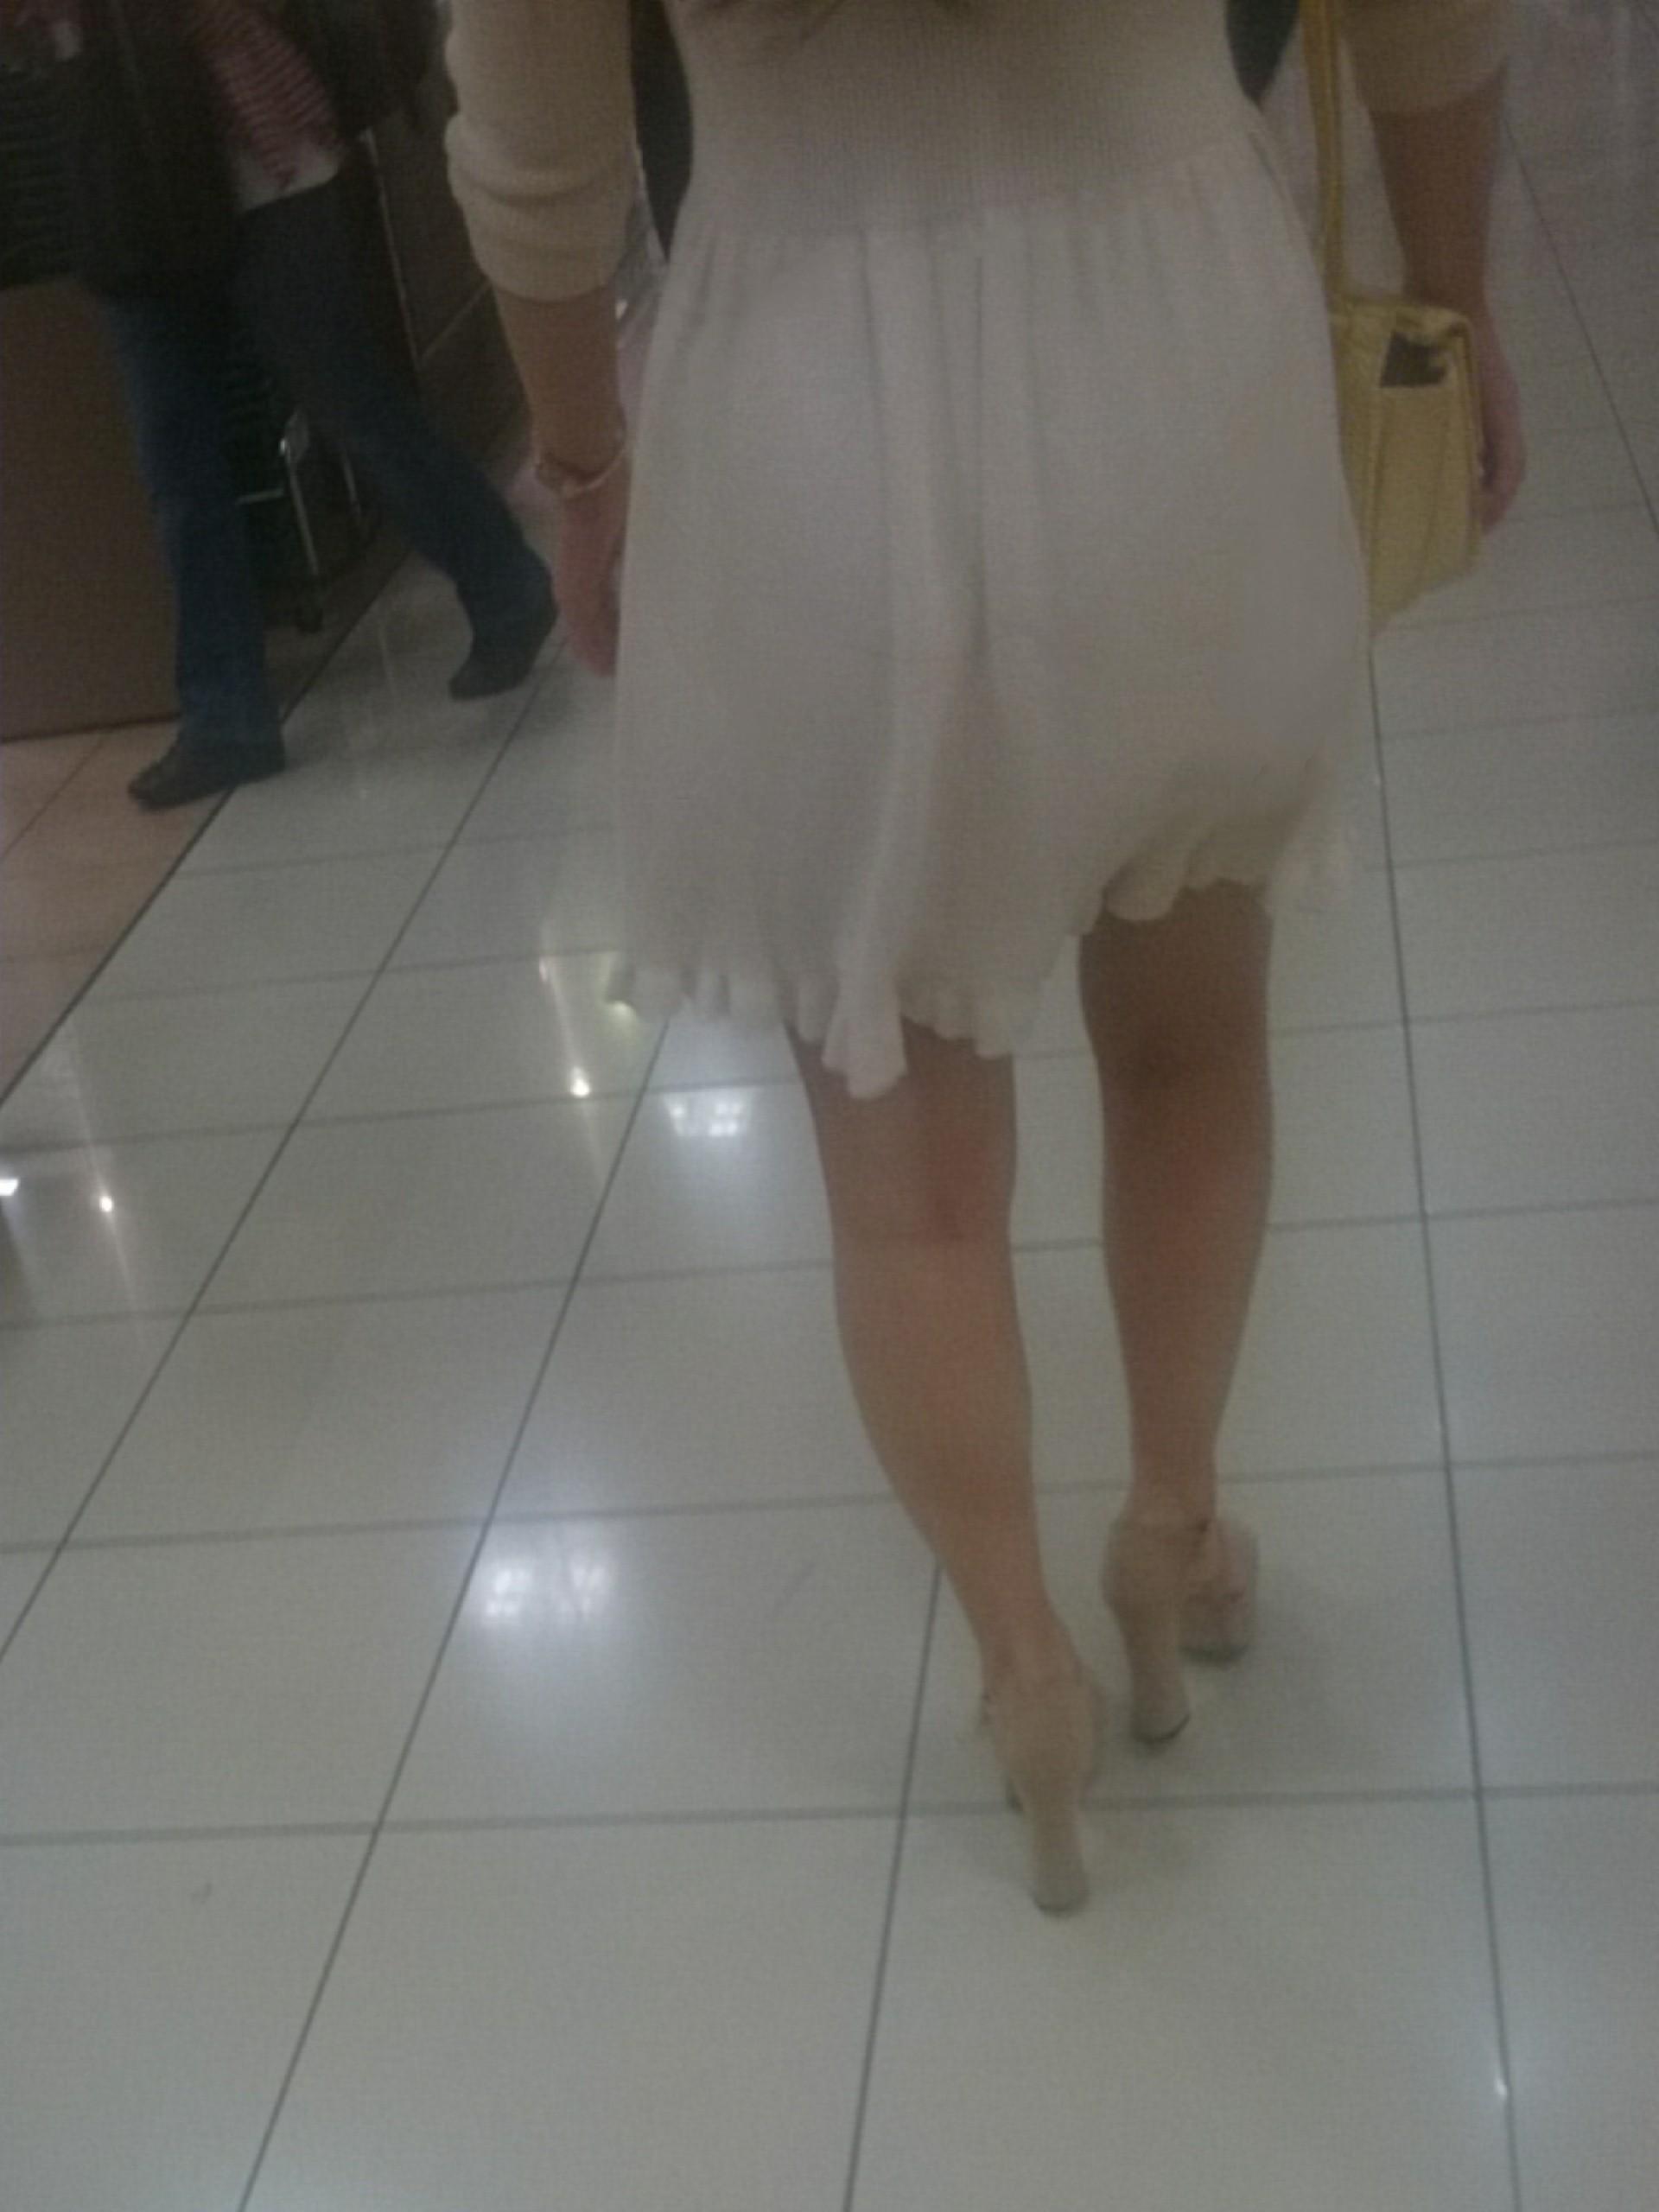 スカートの透けパン街撮り素人エロ画像21